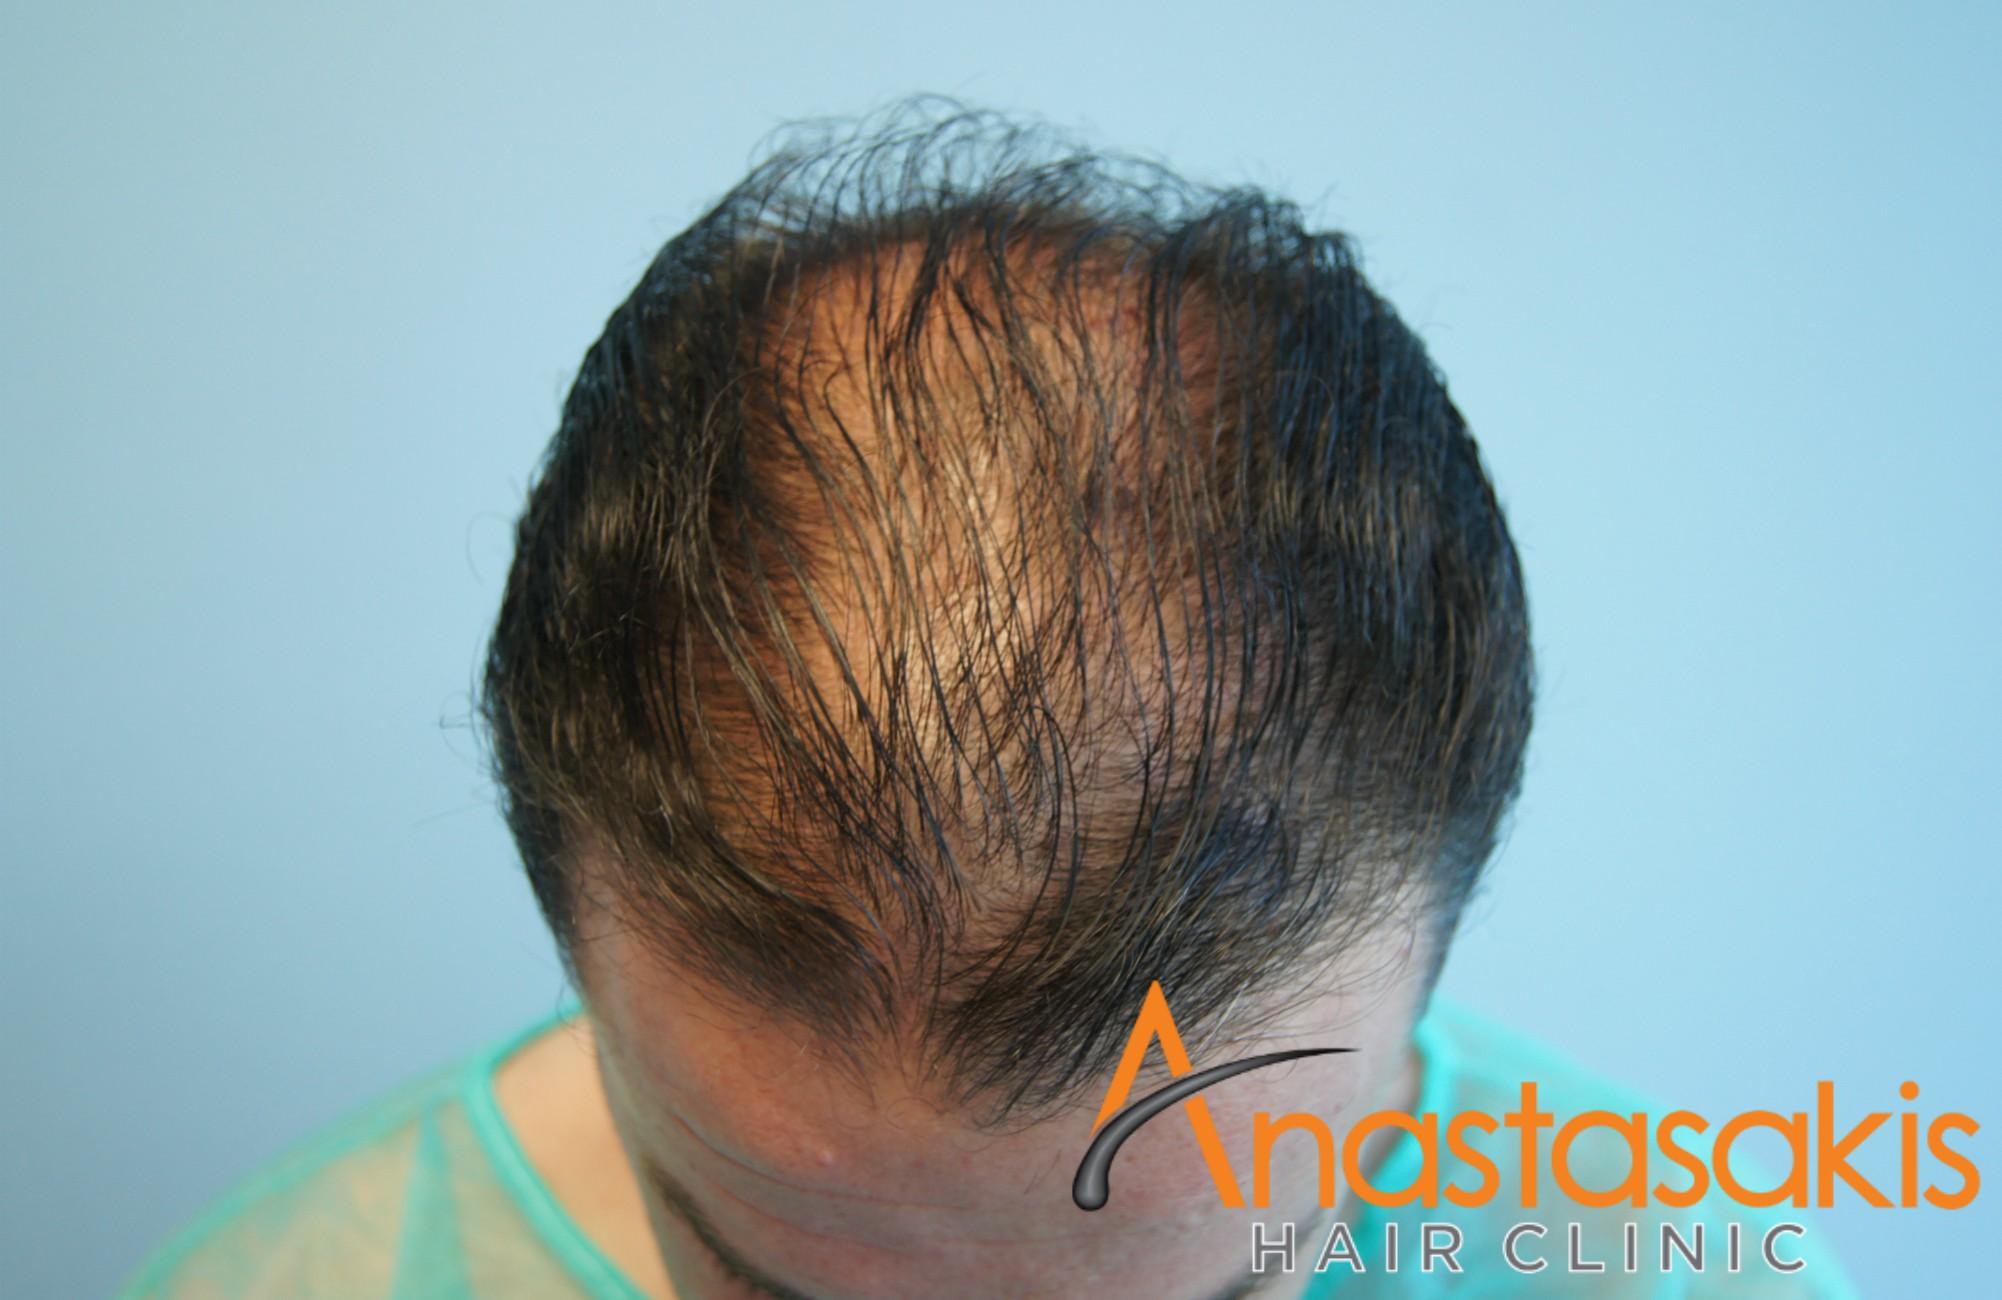 άνδρας πριν την εμφύτευση μαλλιών fut με 3500fus μπροστά προφίλ